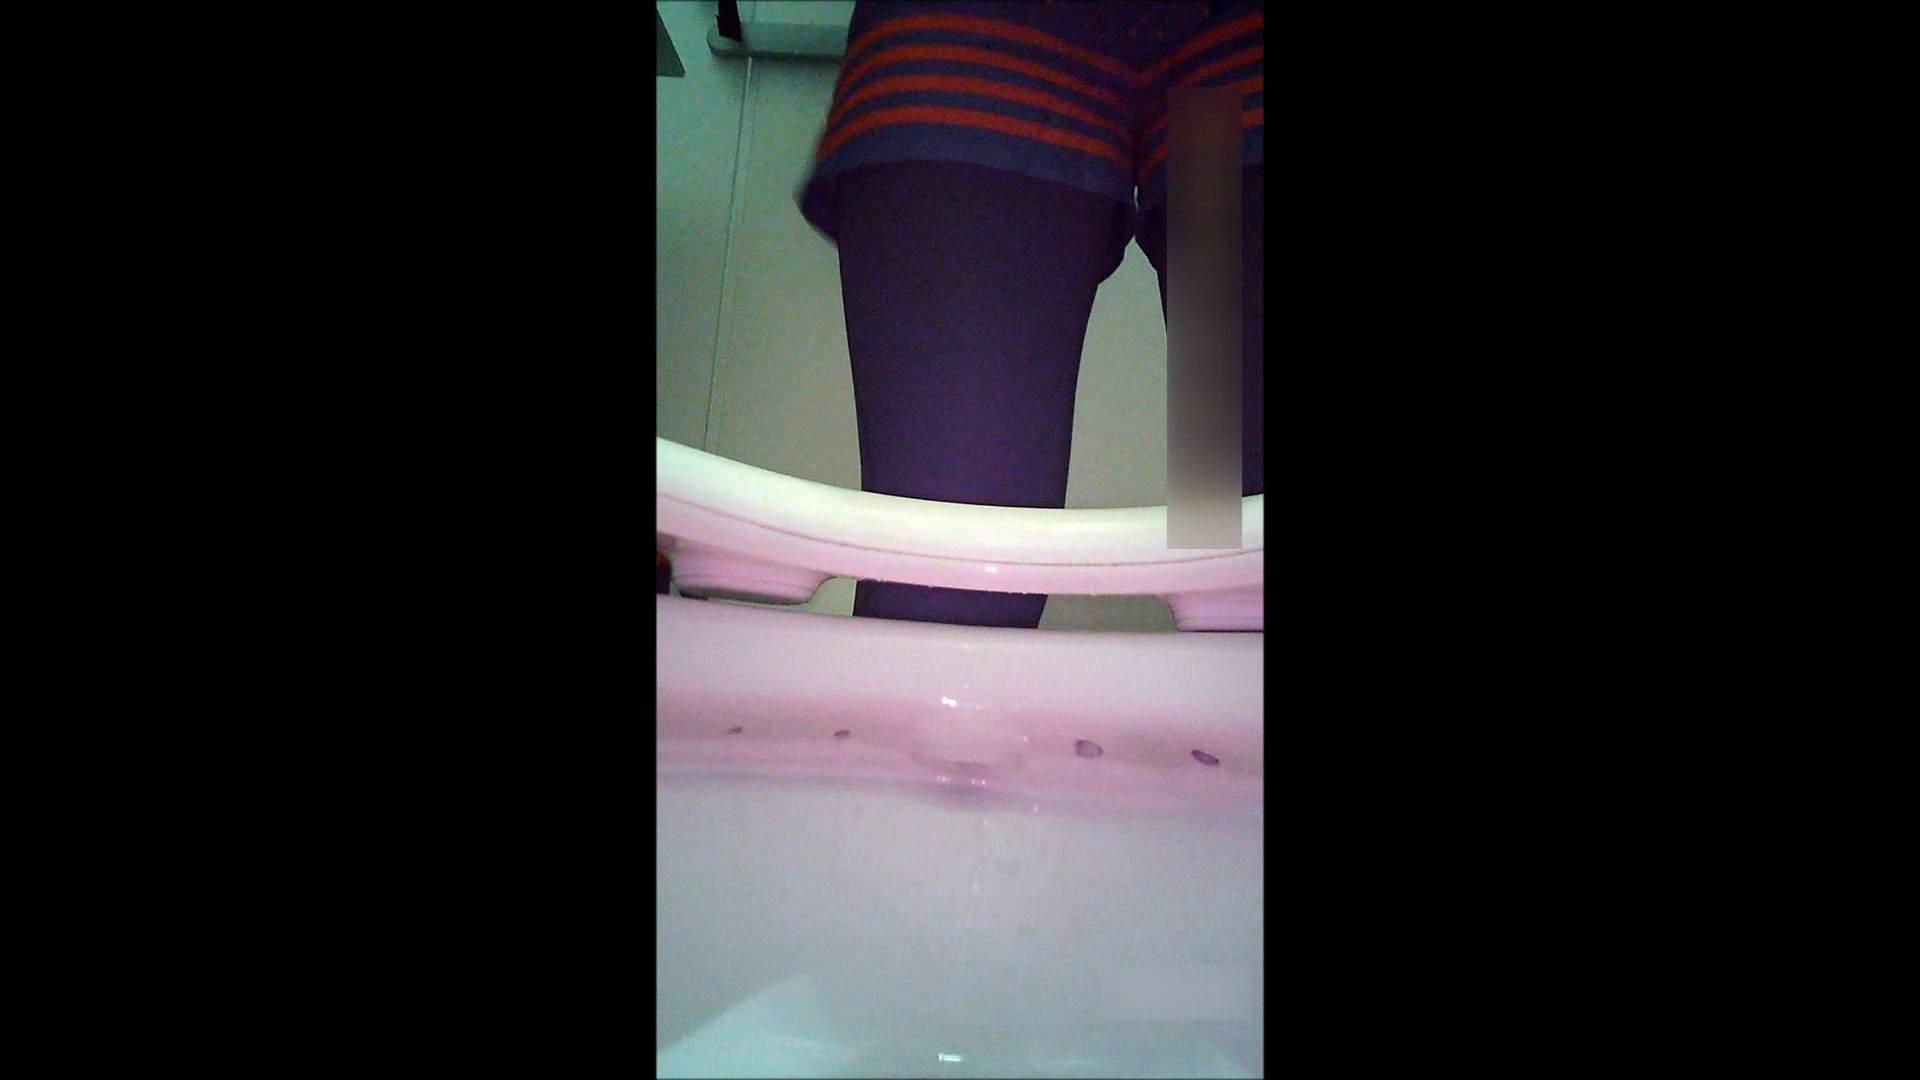 キレカワ女子大生の秘密の洗面所!Vol.051 Hな女子大生 のぞき動画キャプチャ 87pic 50